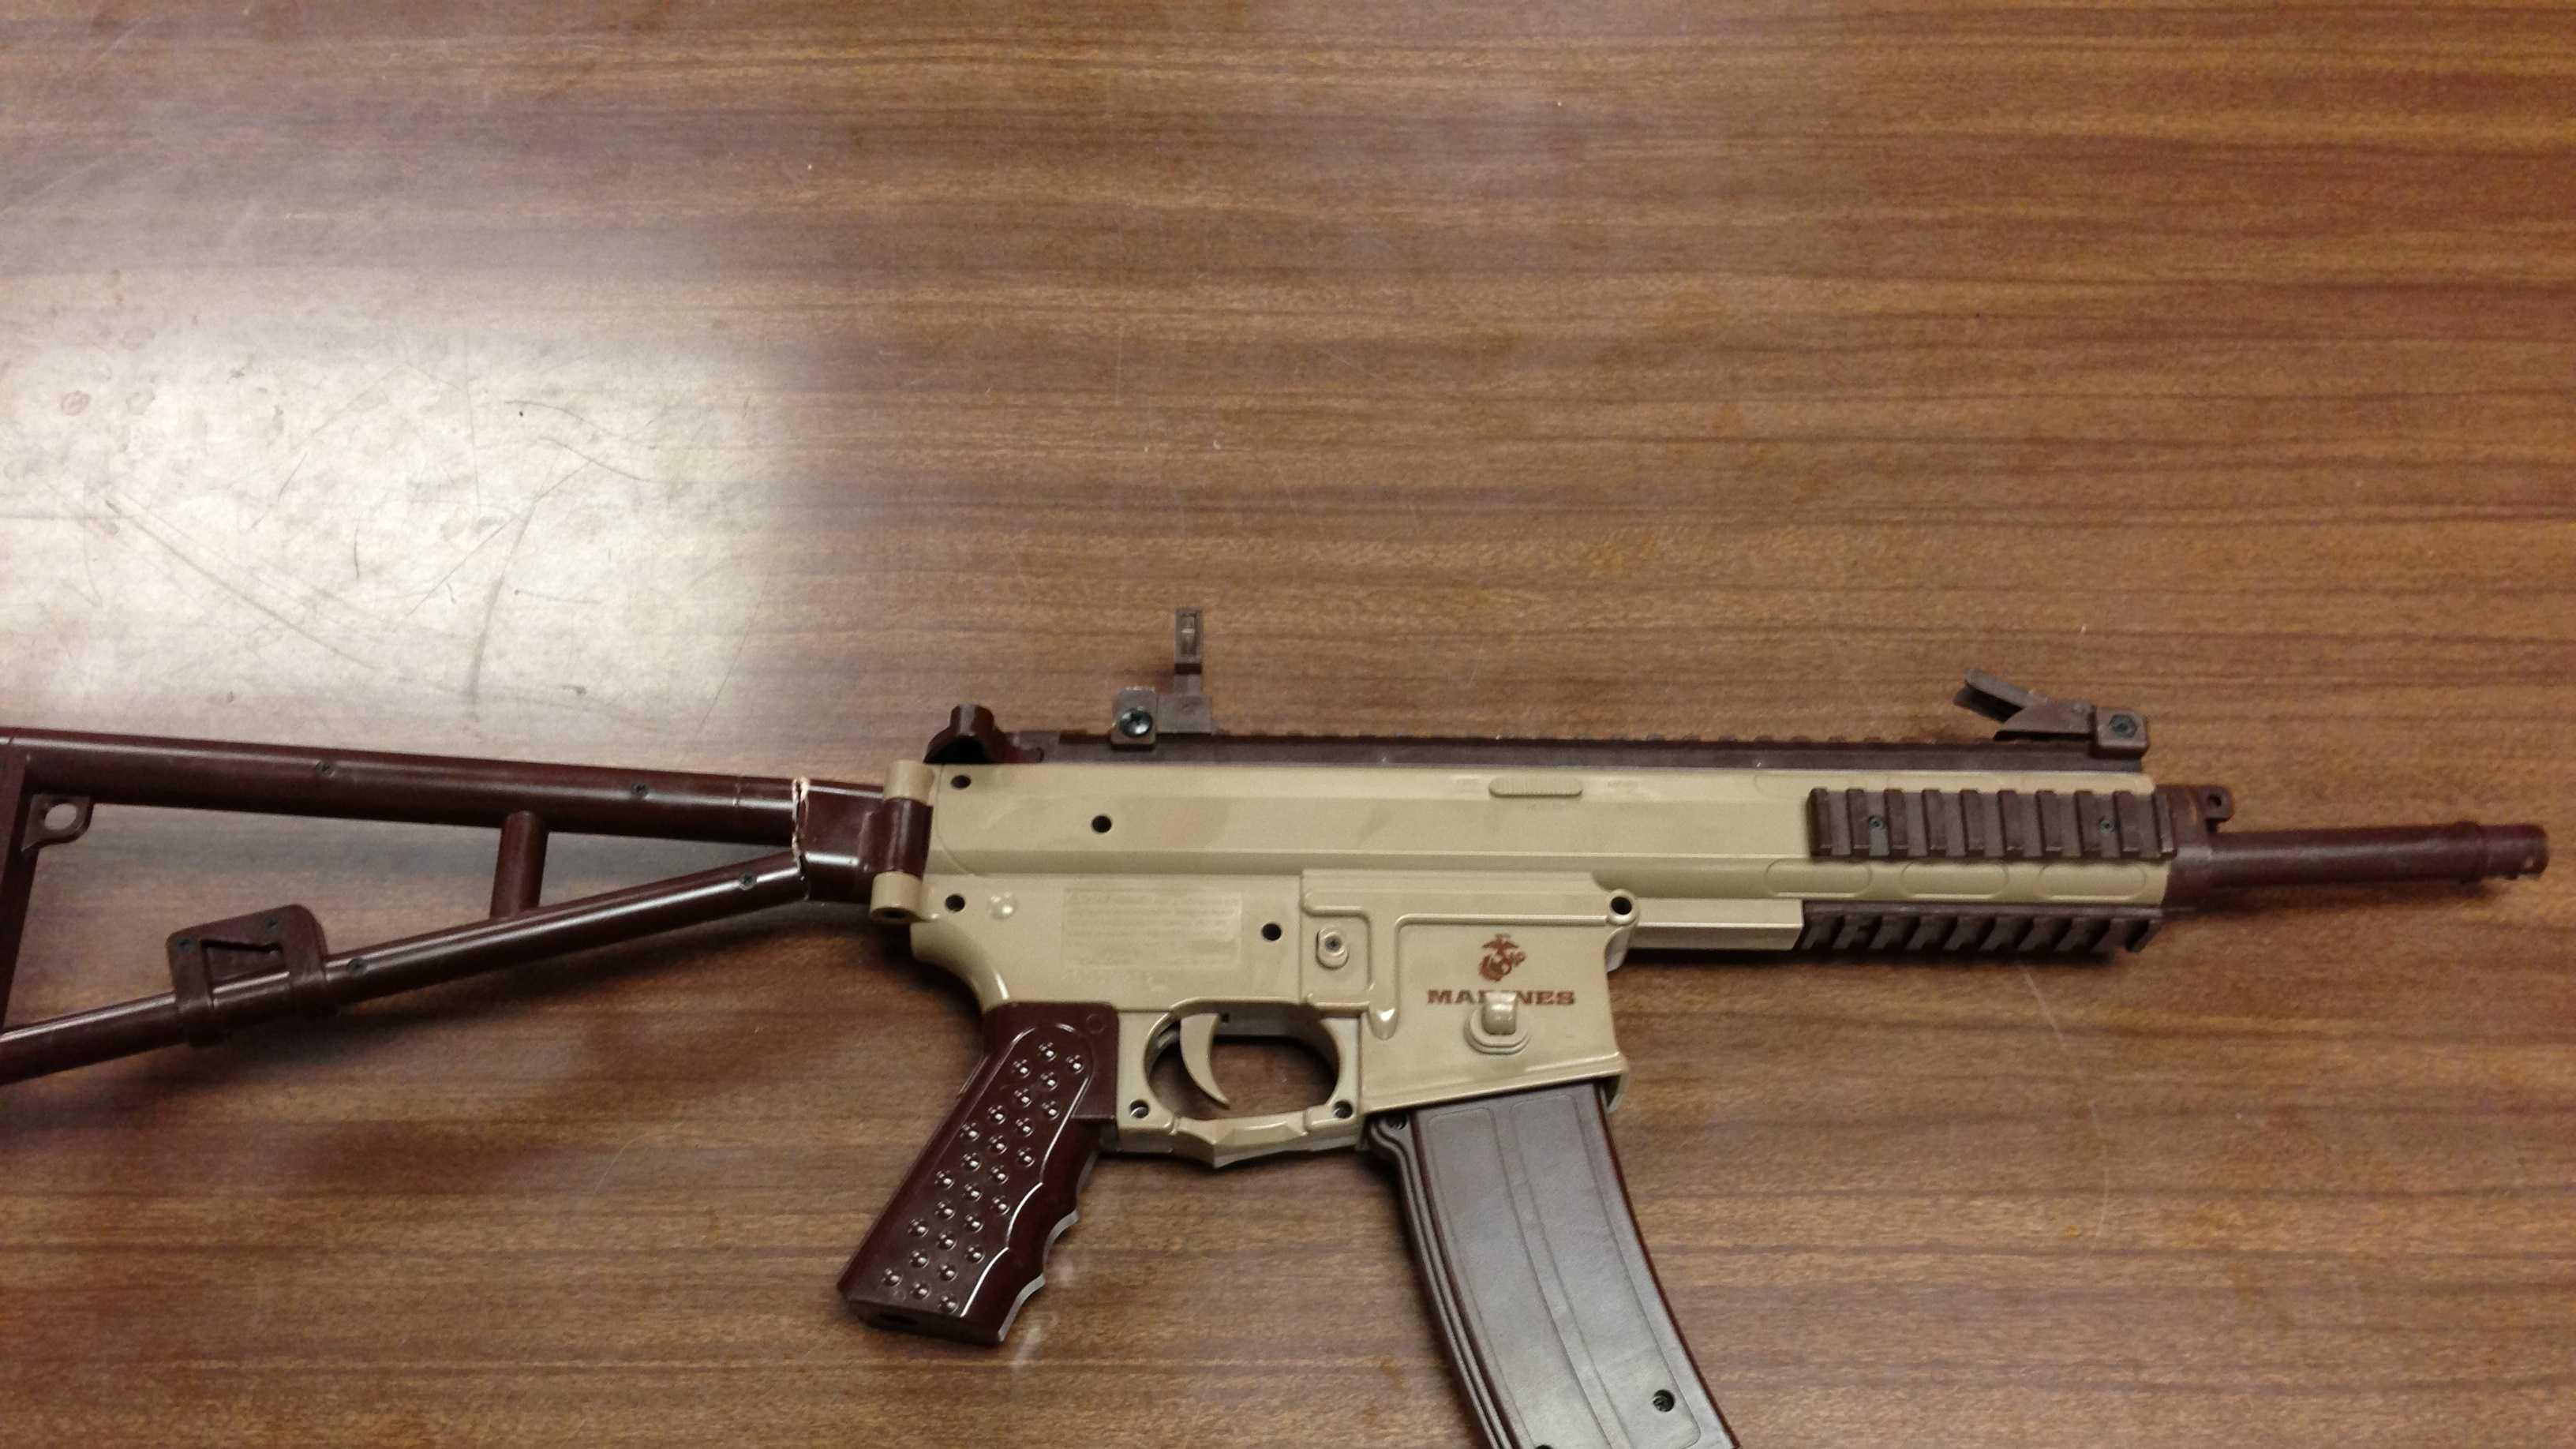 Thibodaux air soft gun